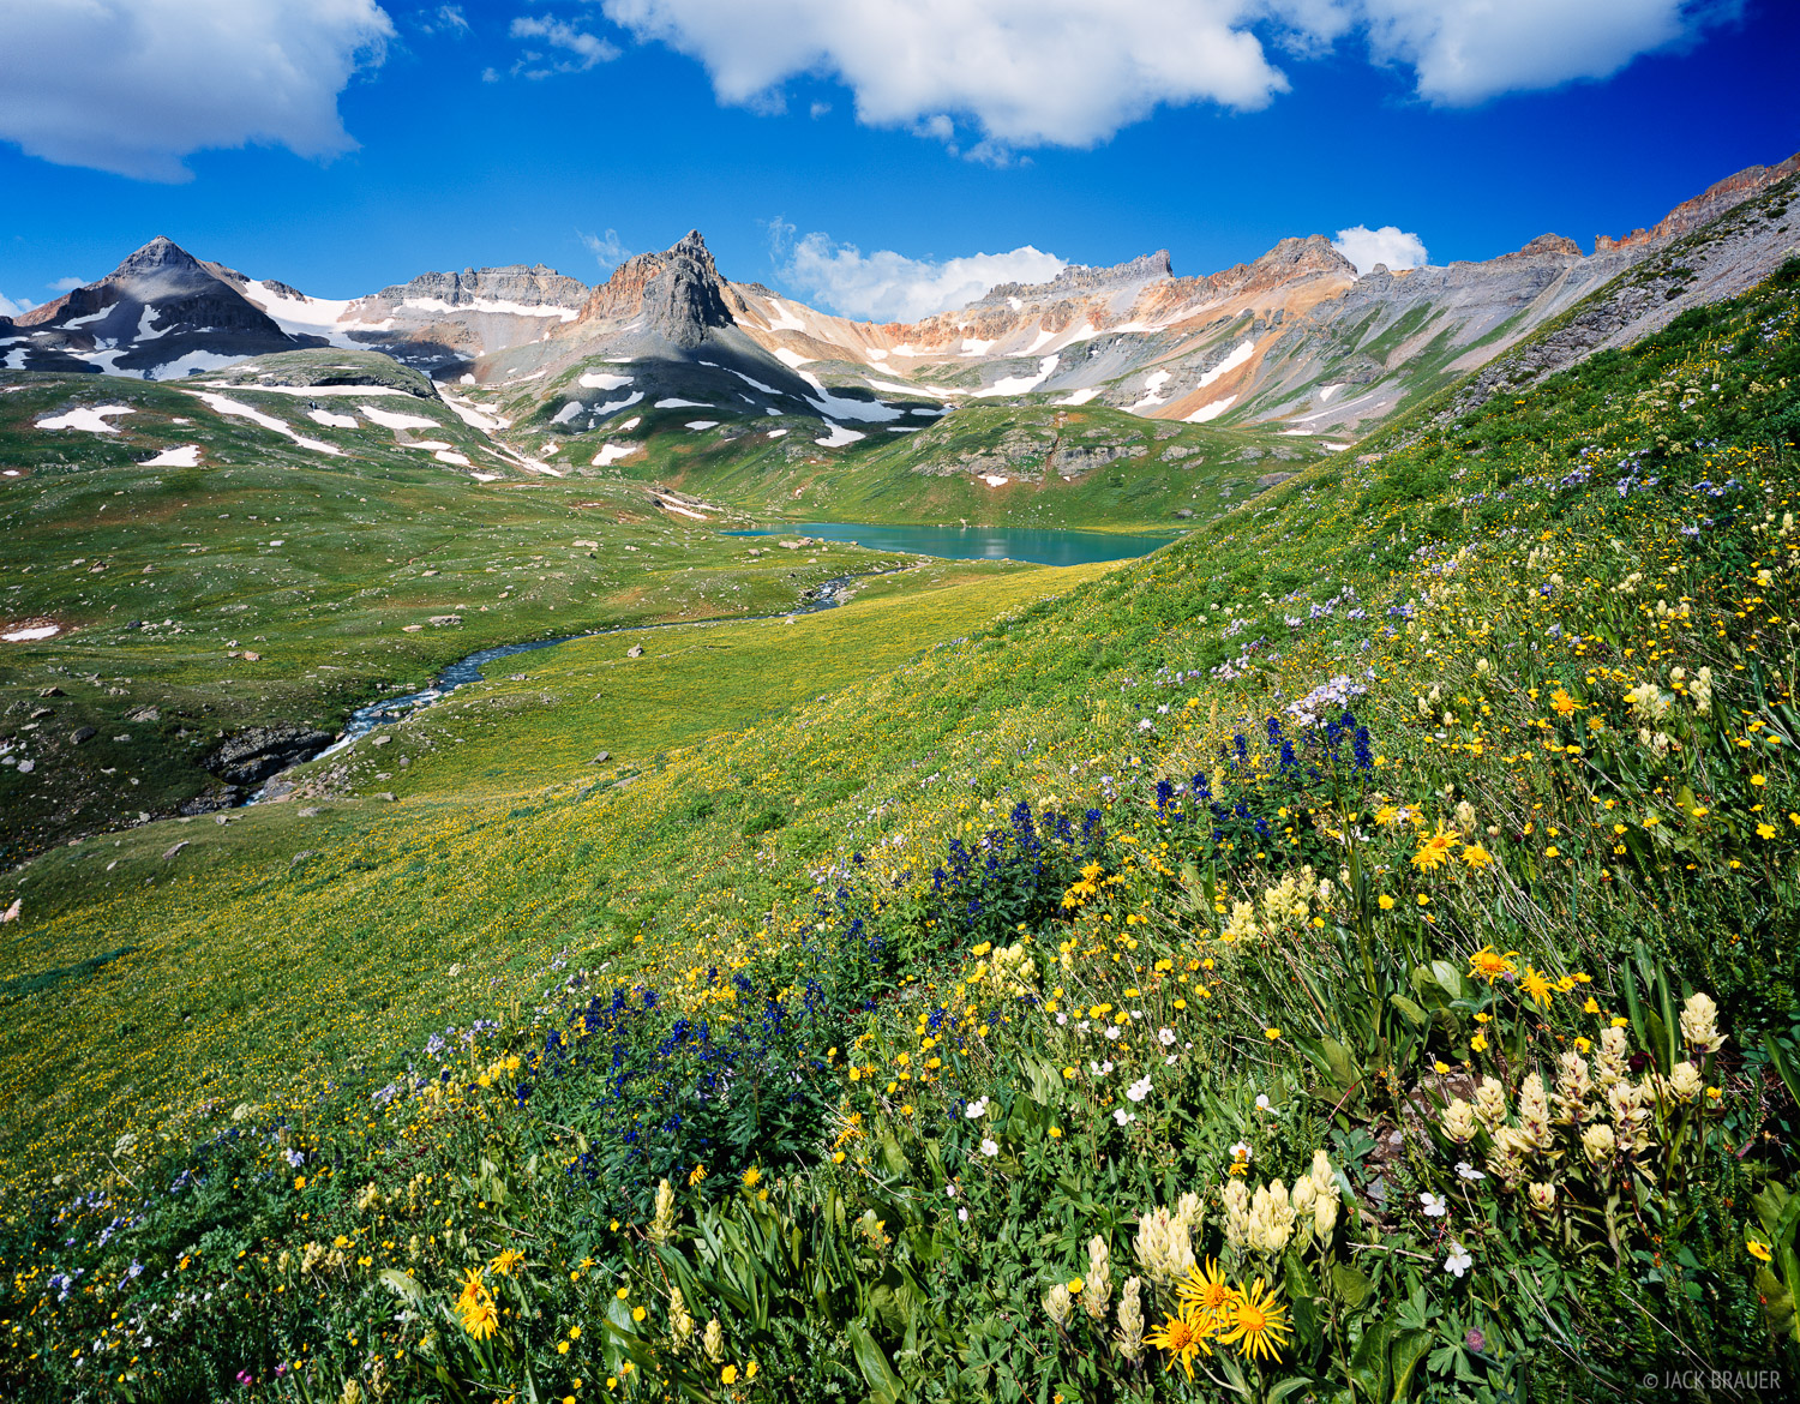 Ice Lakes, Wildflowers, San Juan Mountains, Colorado, photo